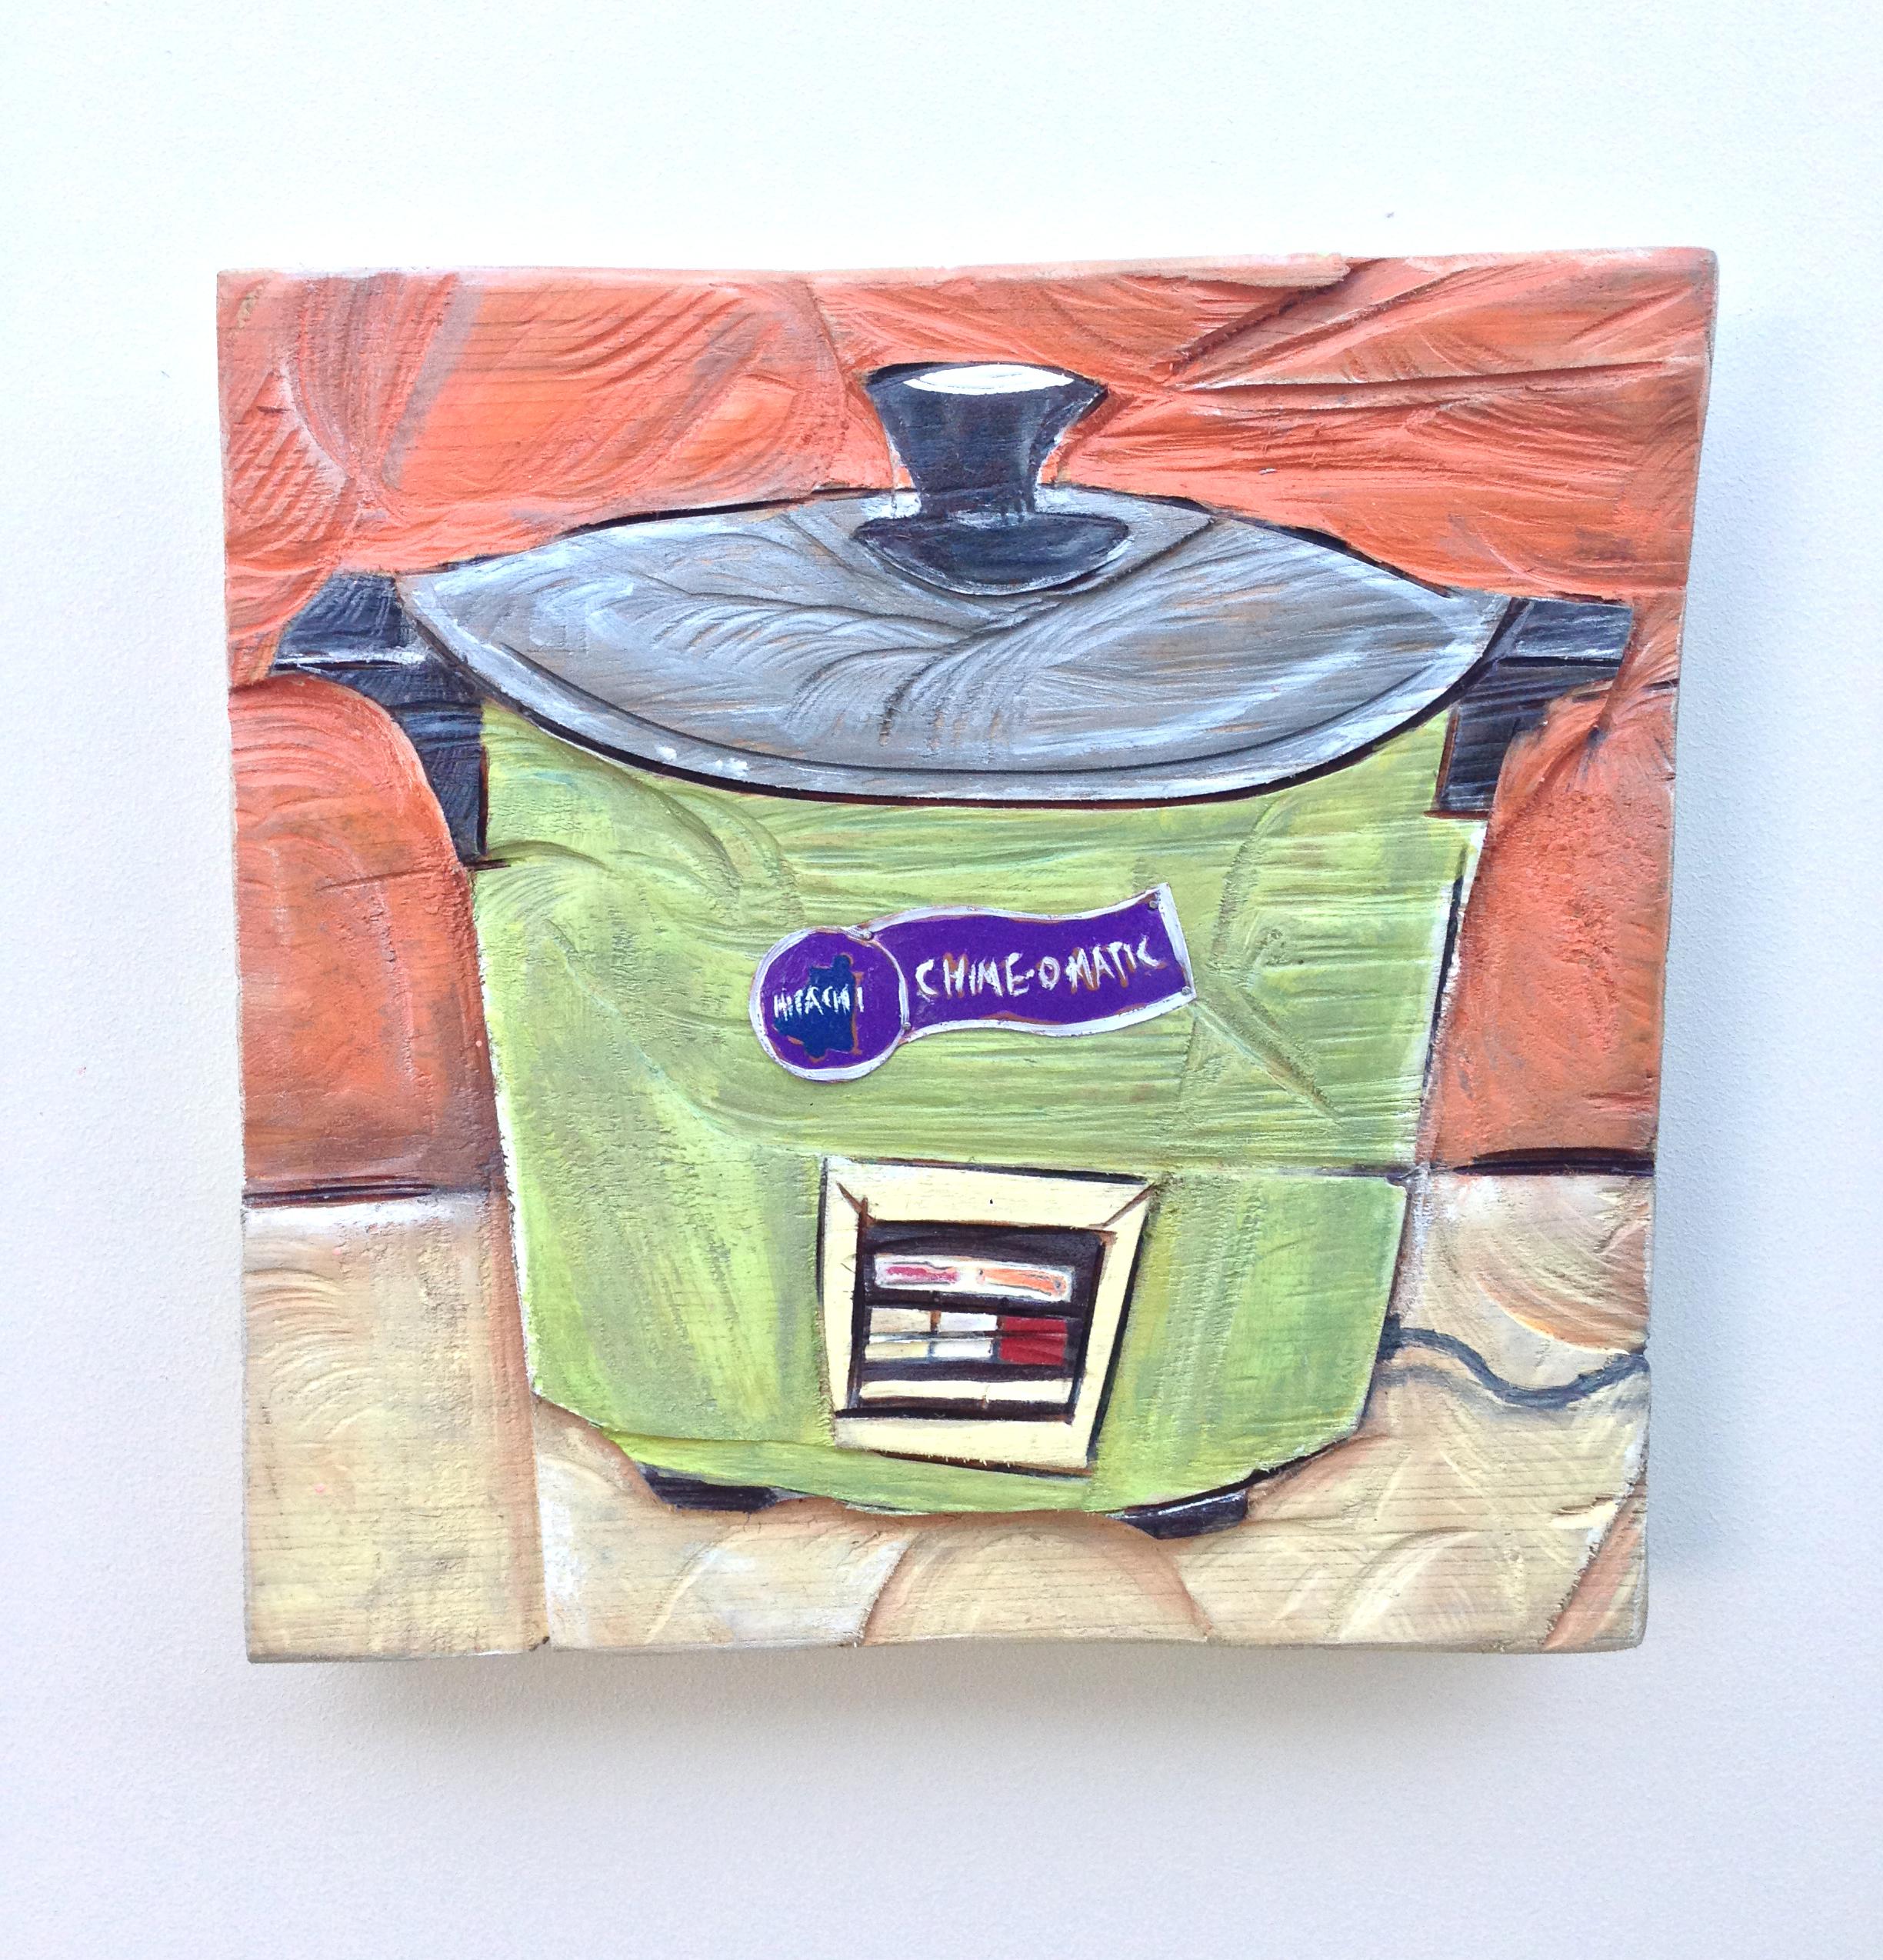 Rice cooker-01-2016.jpg